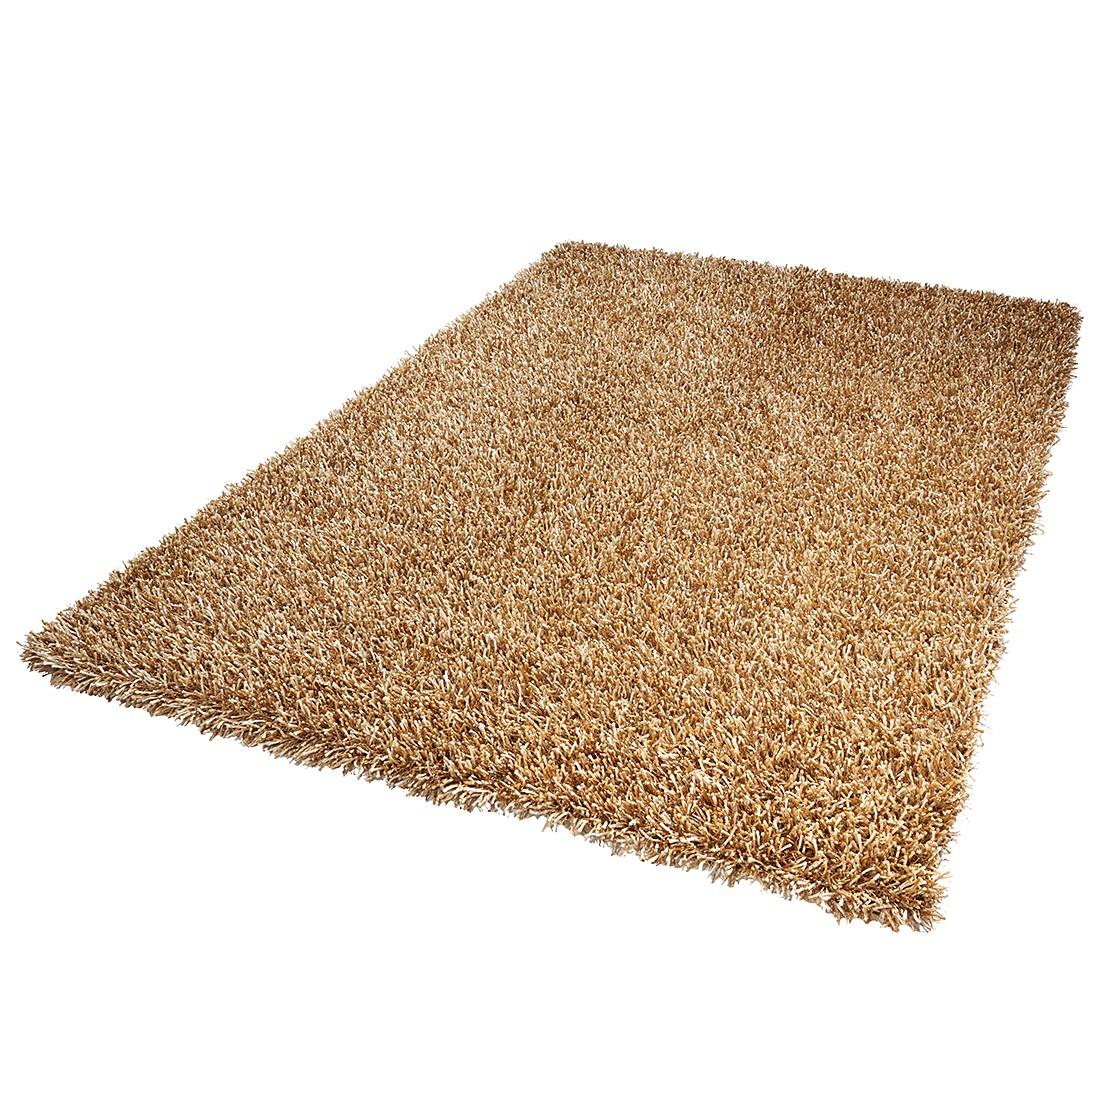 Teppich Corado – Beige – 80 x 160 cm, DEKOWE günstig